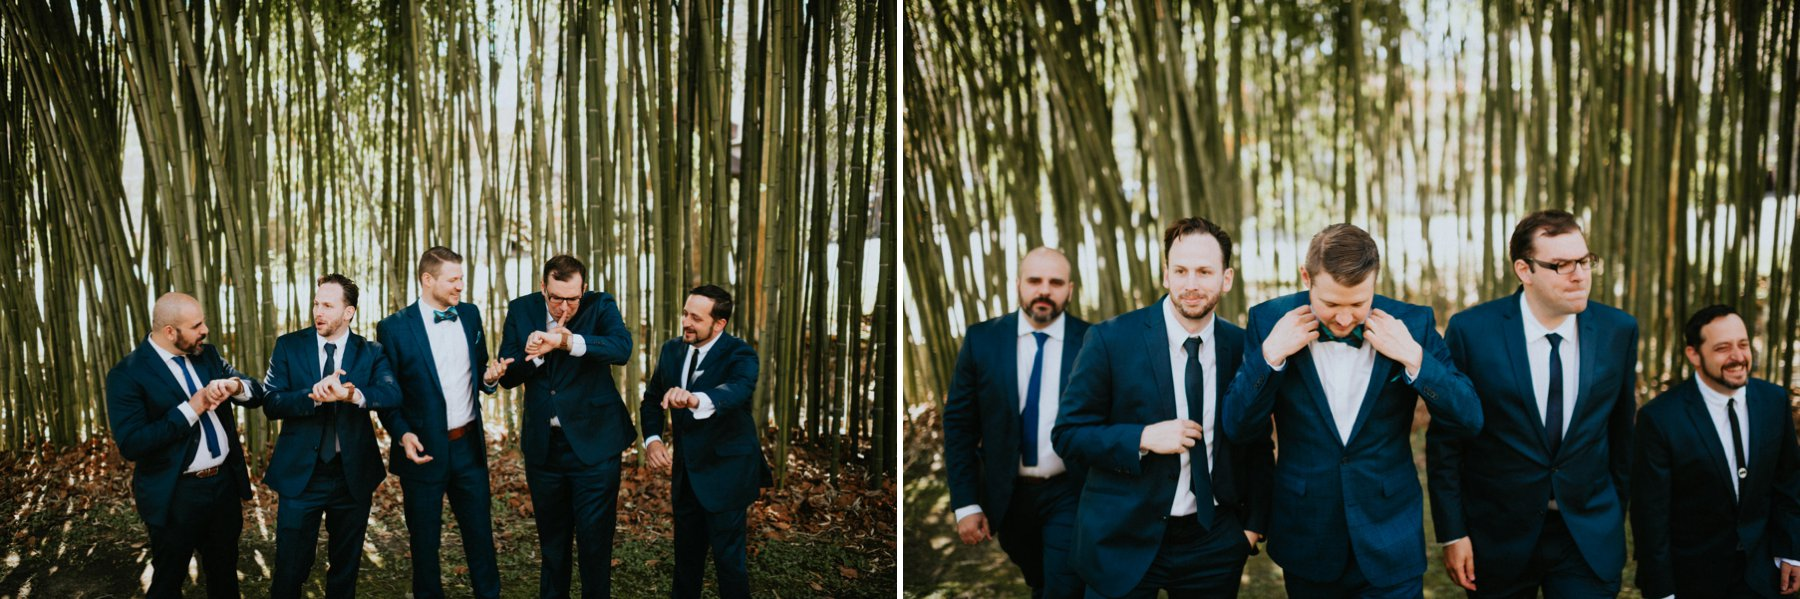 old-mill-rose-valley-wedding-26.jpg